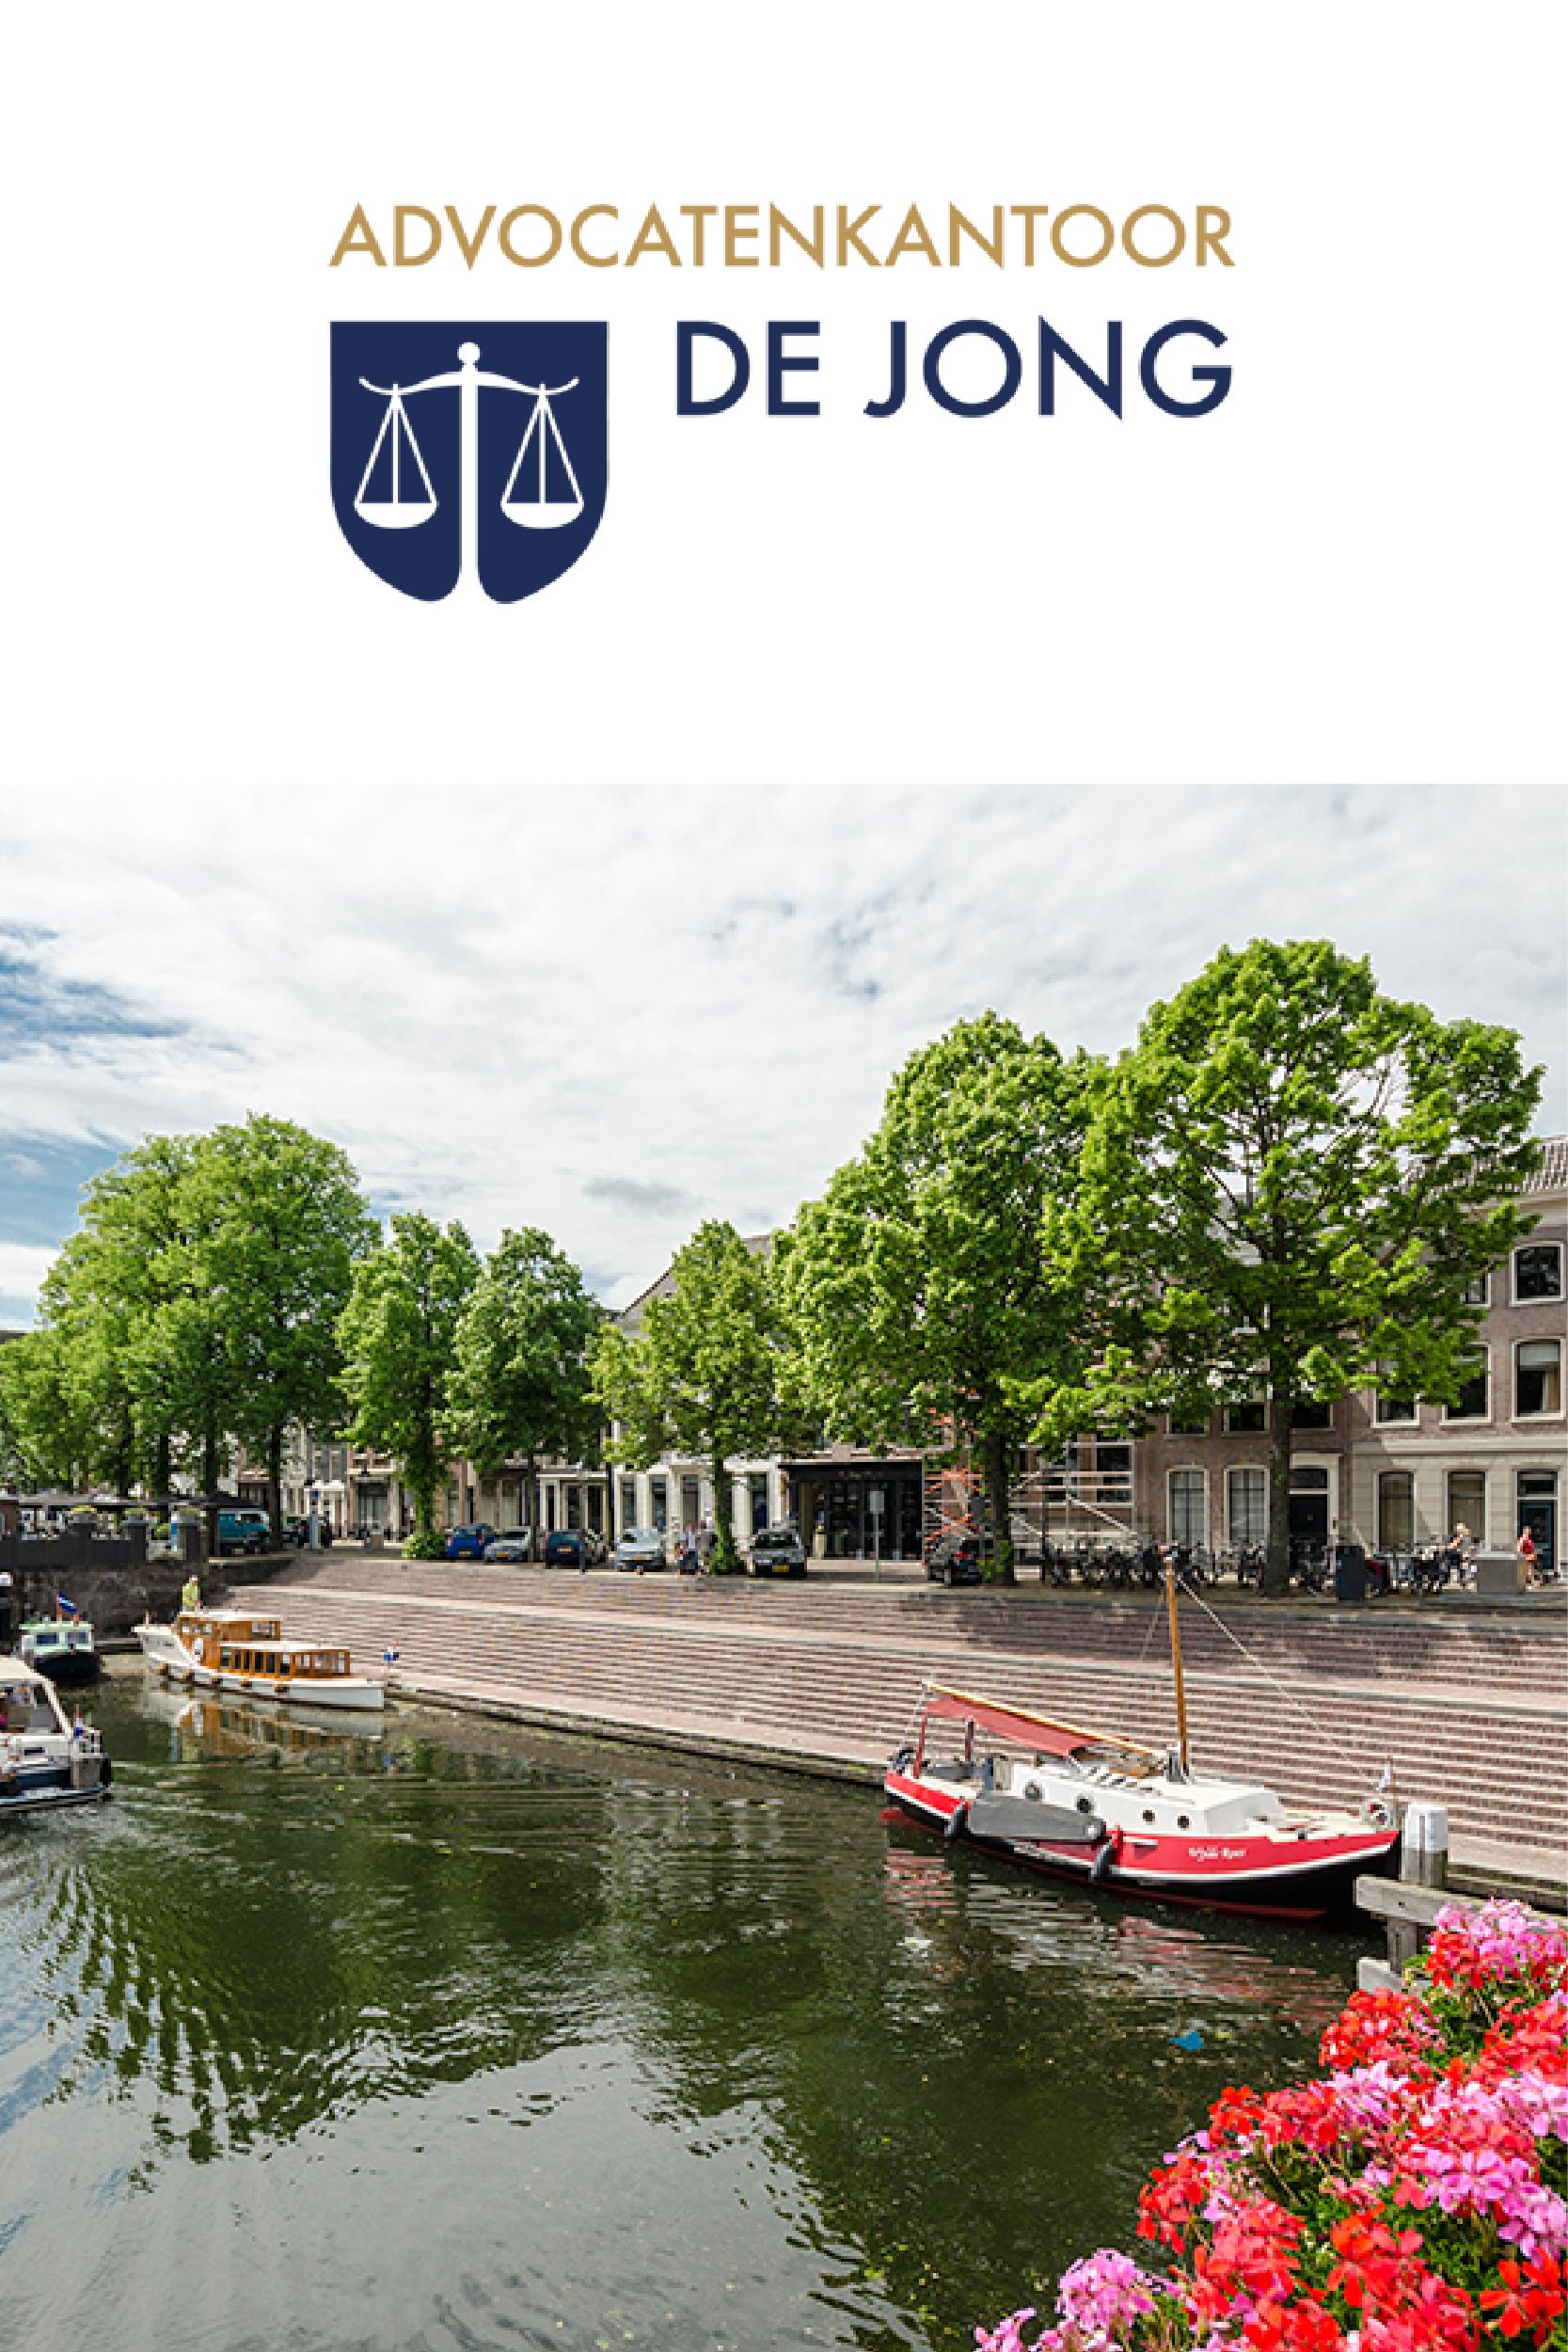 Advocatenkantoor de Jong